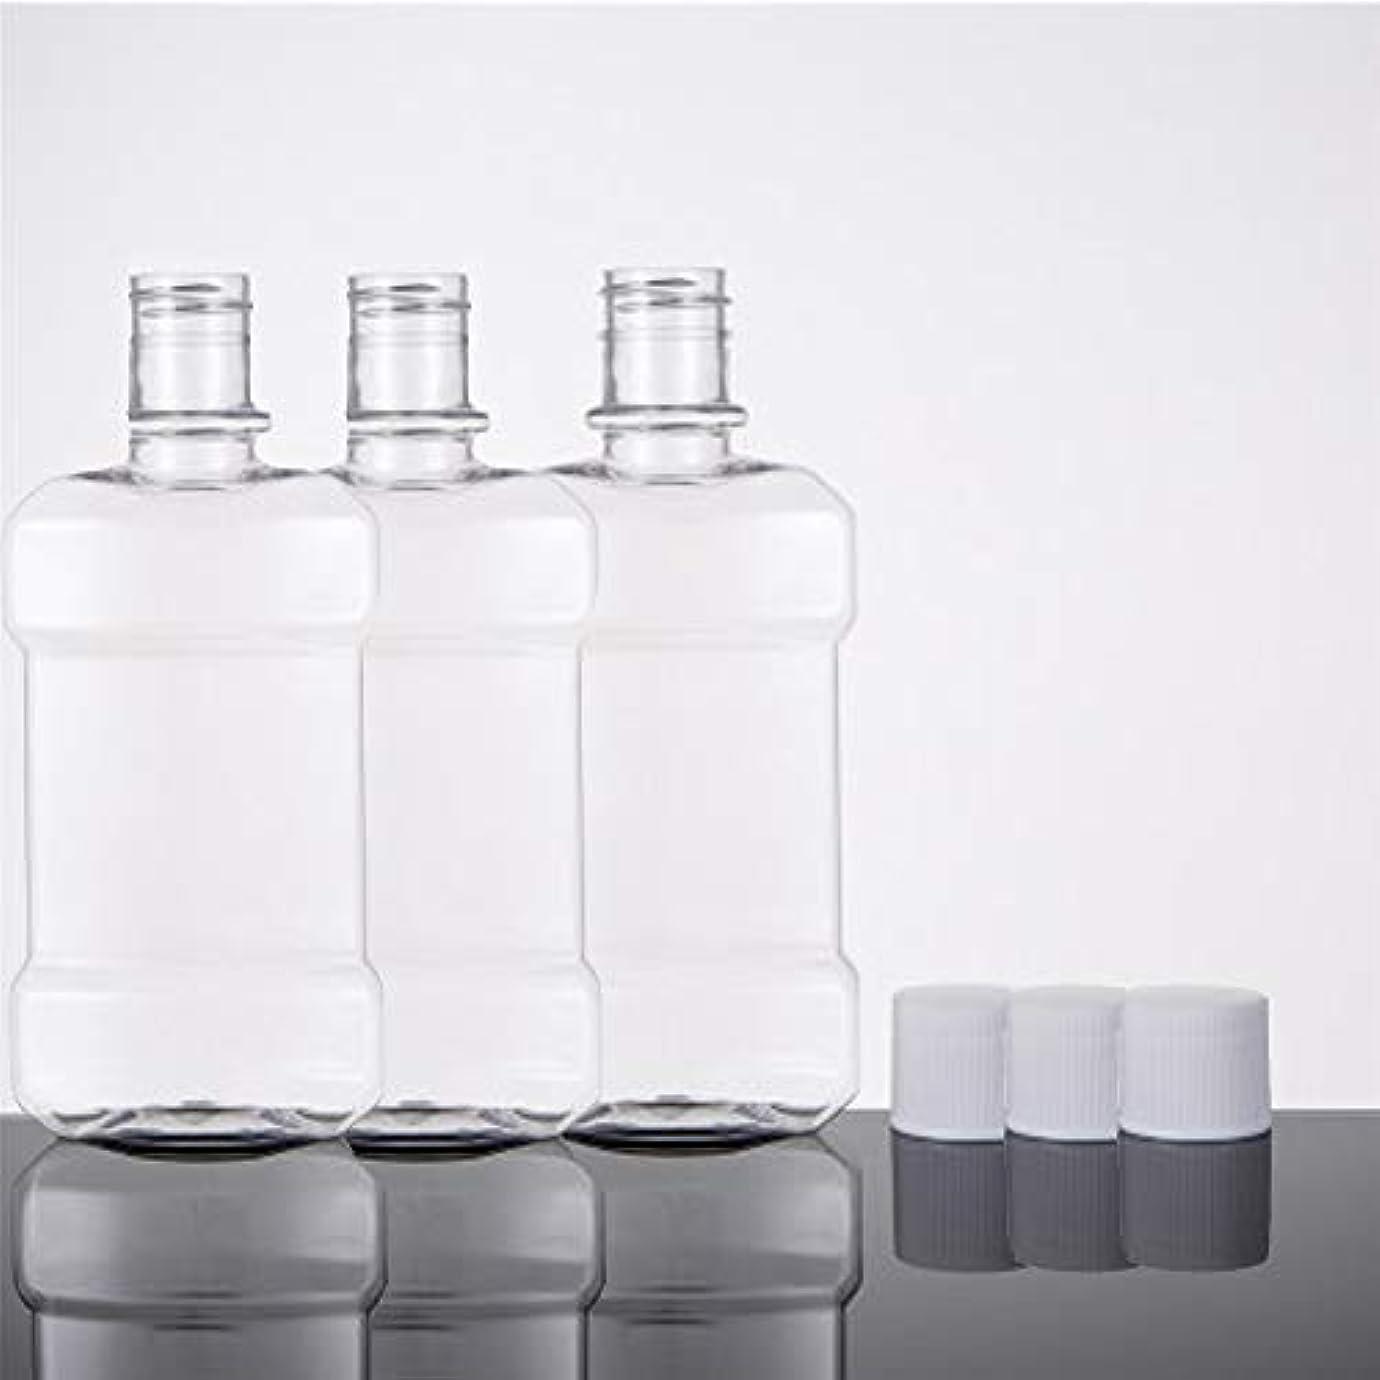 ハンバーガー所持他の場所SHKI マウスウォッシュ専用詰め替えボトル 250ml*3個 空ボトル 3個セット 持ち運び便利